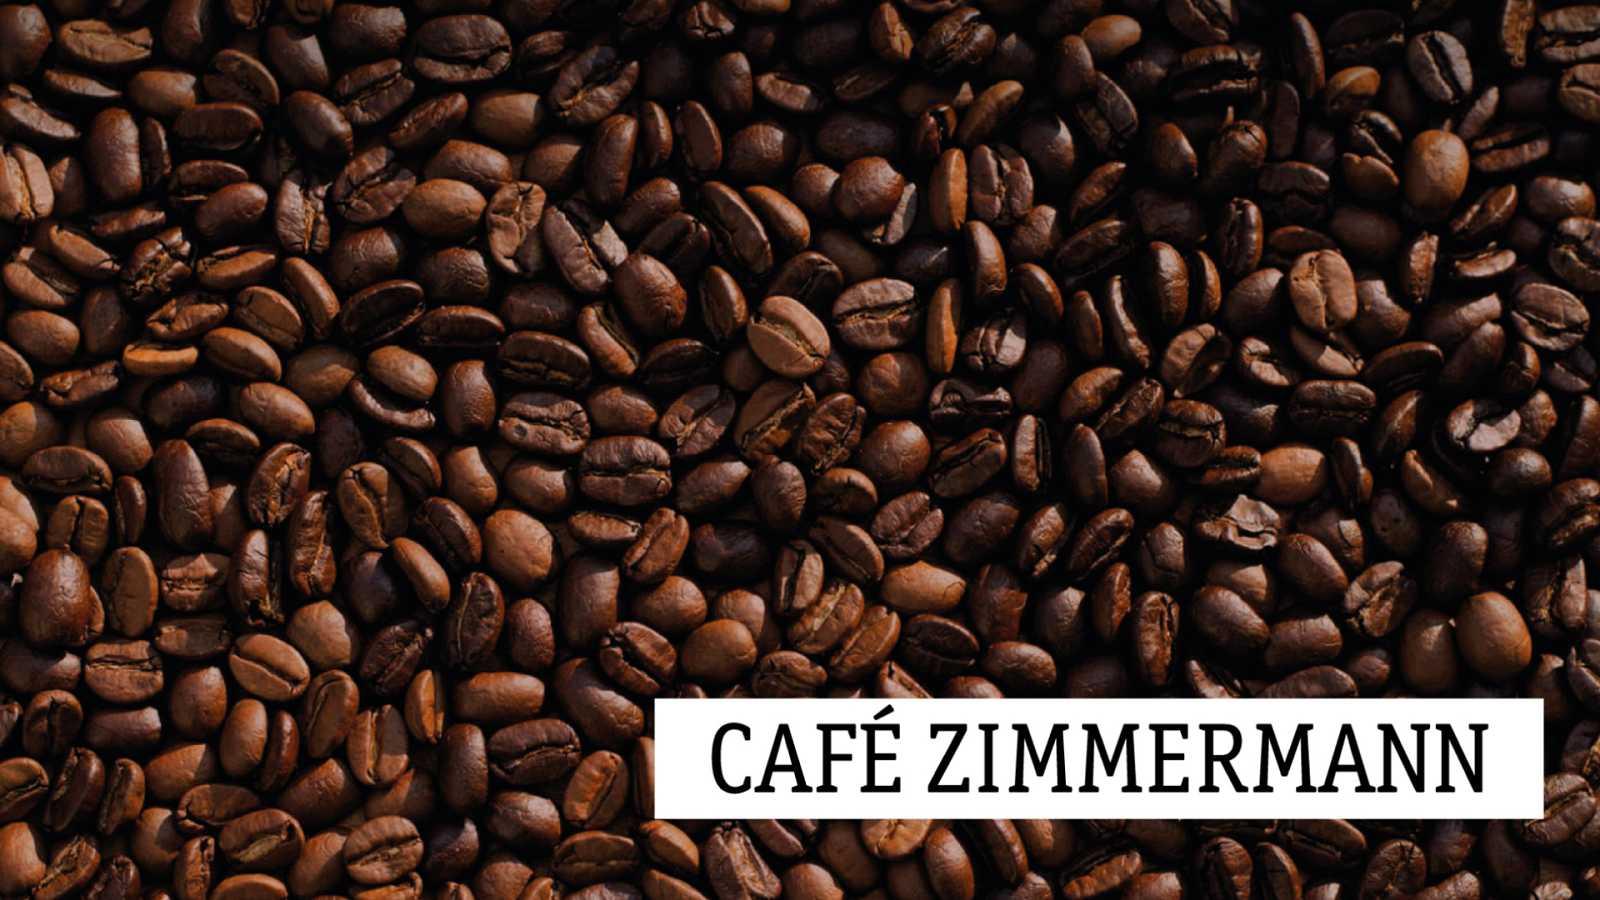 Café Zimmermann - Penderecki en El exorcista y El resplandor - 11/11/20 - escuchar ahora